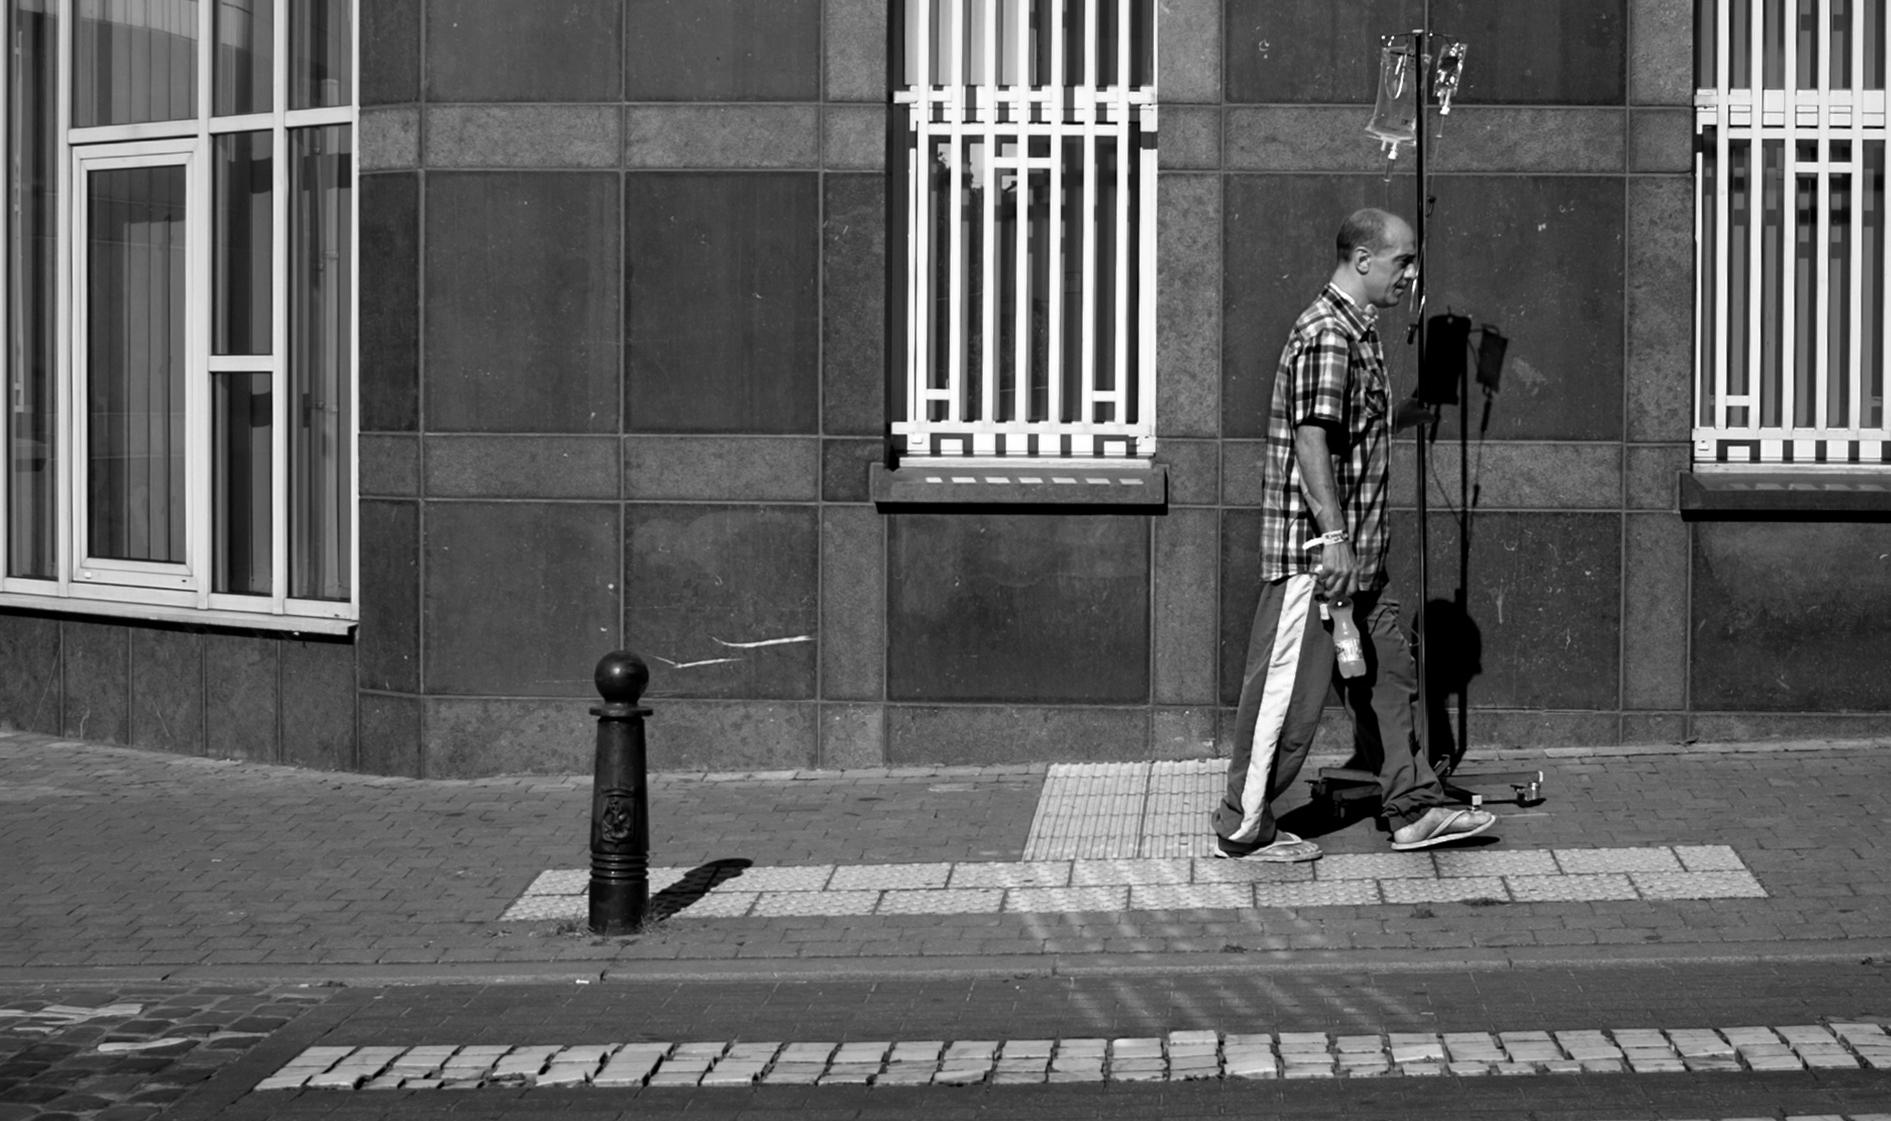 straatfotografie door fotograaf maurits van hout uit Den Haag Rijswijk